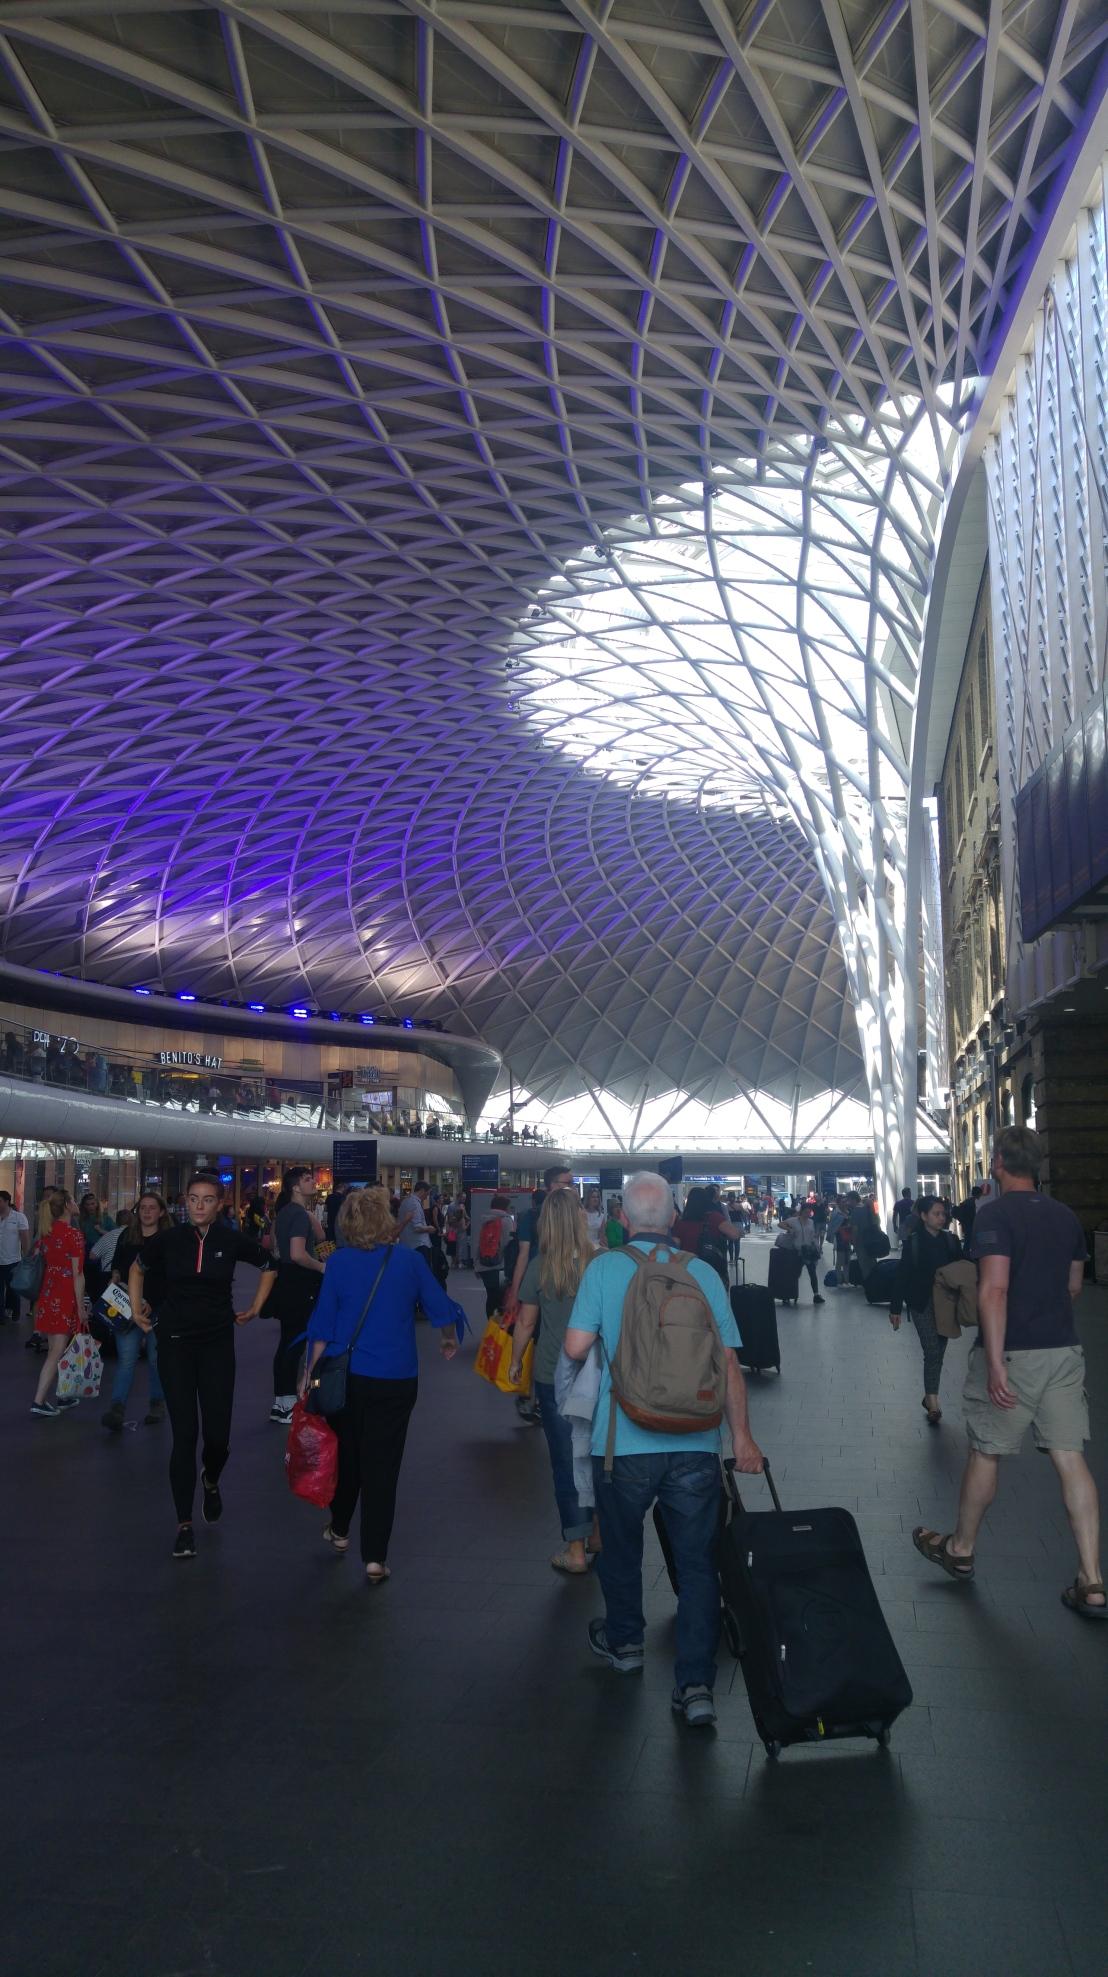 London trip - King's Cross